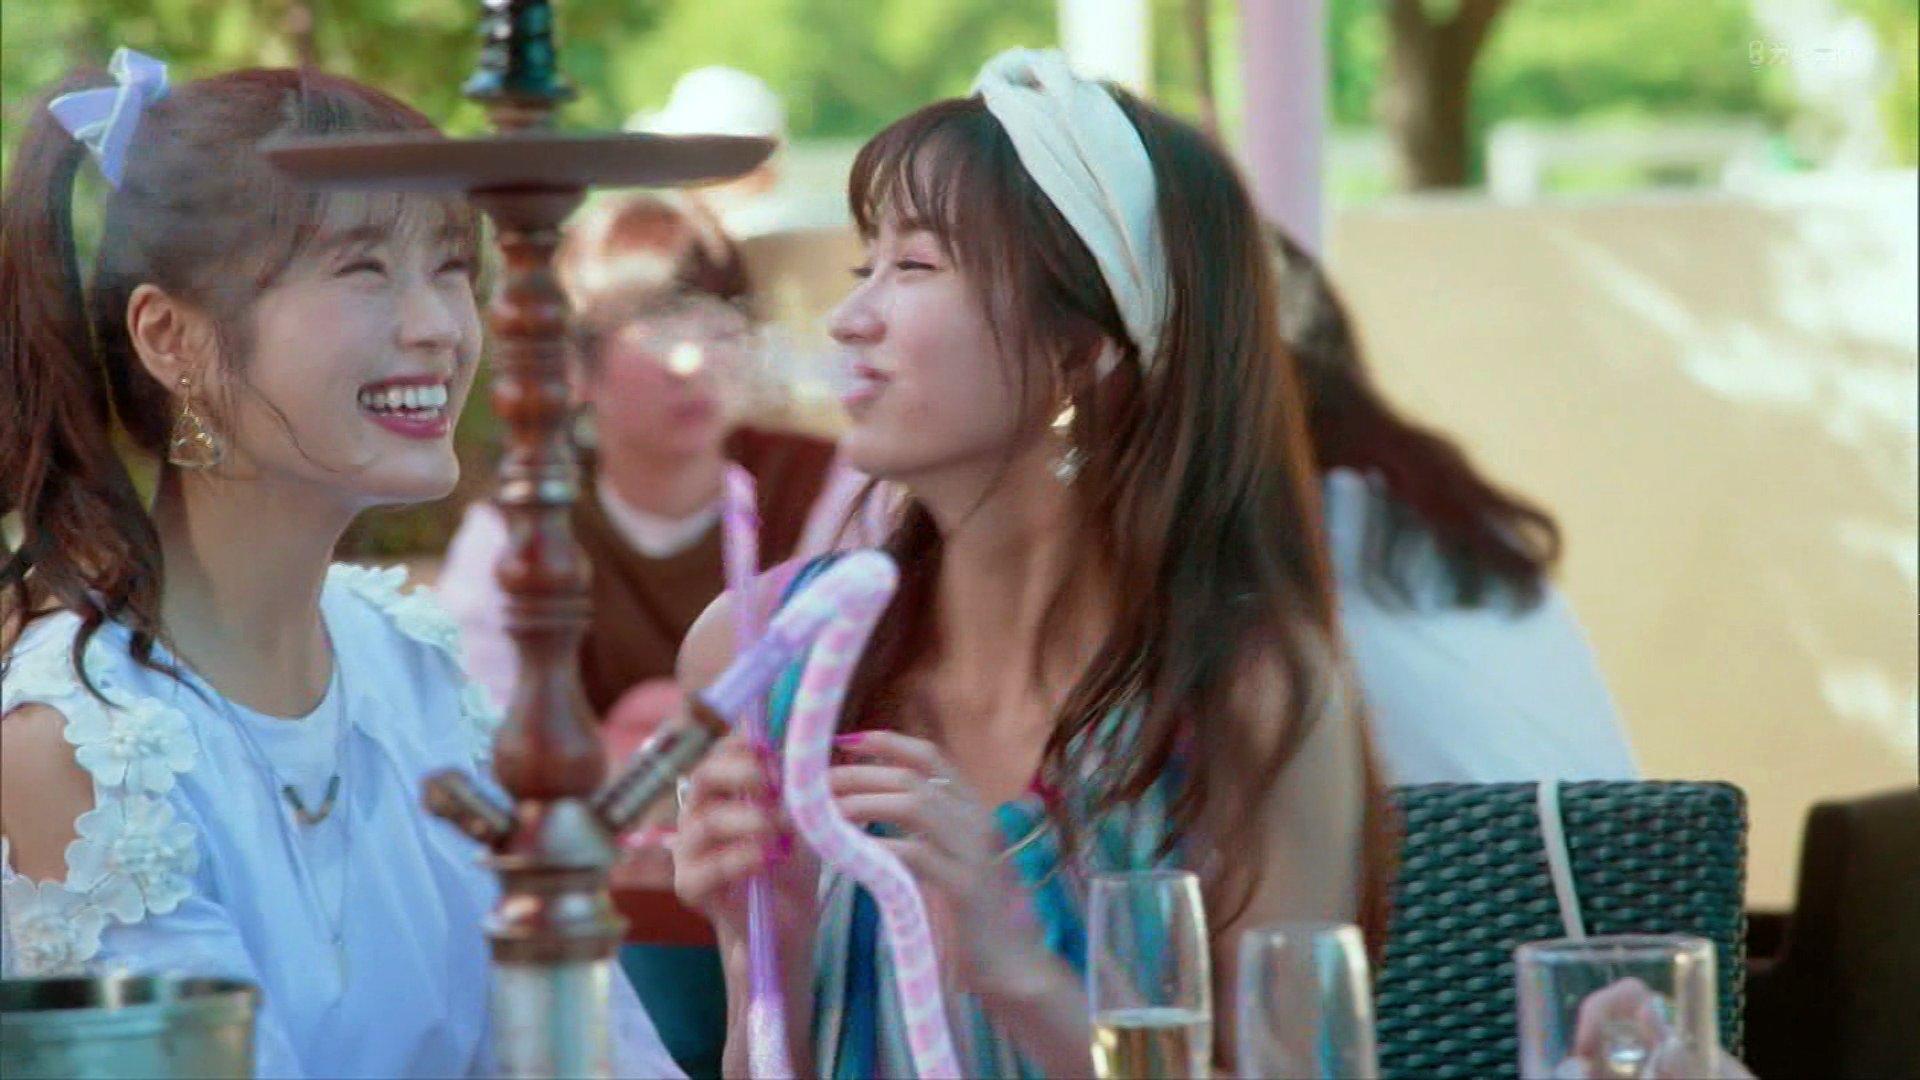 【渋谷凪咲】なぎさ出演、10月24日放送されたドラマ「猪又進と8人の喪女~私の初めてもらってください~#01」の画像